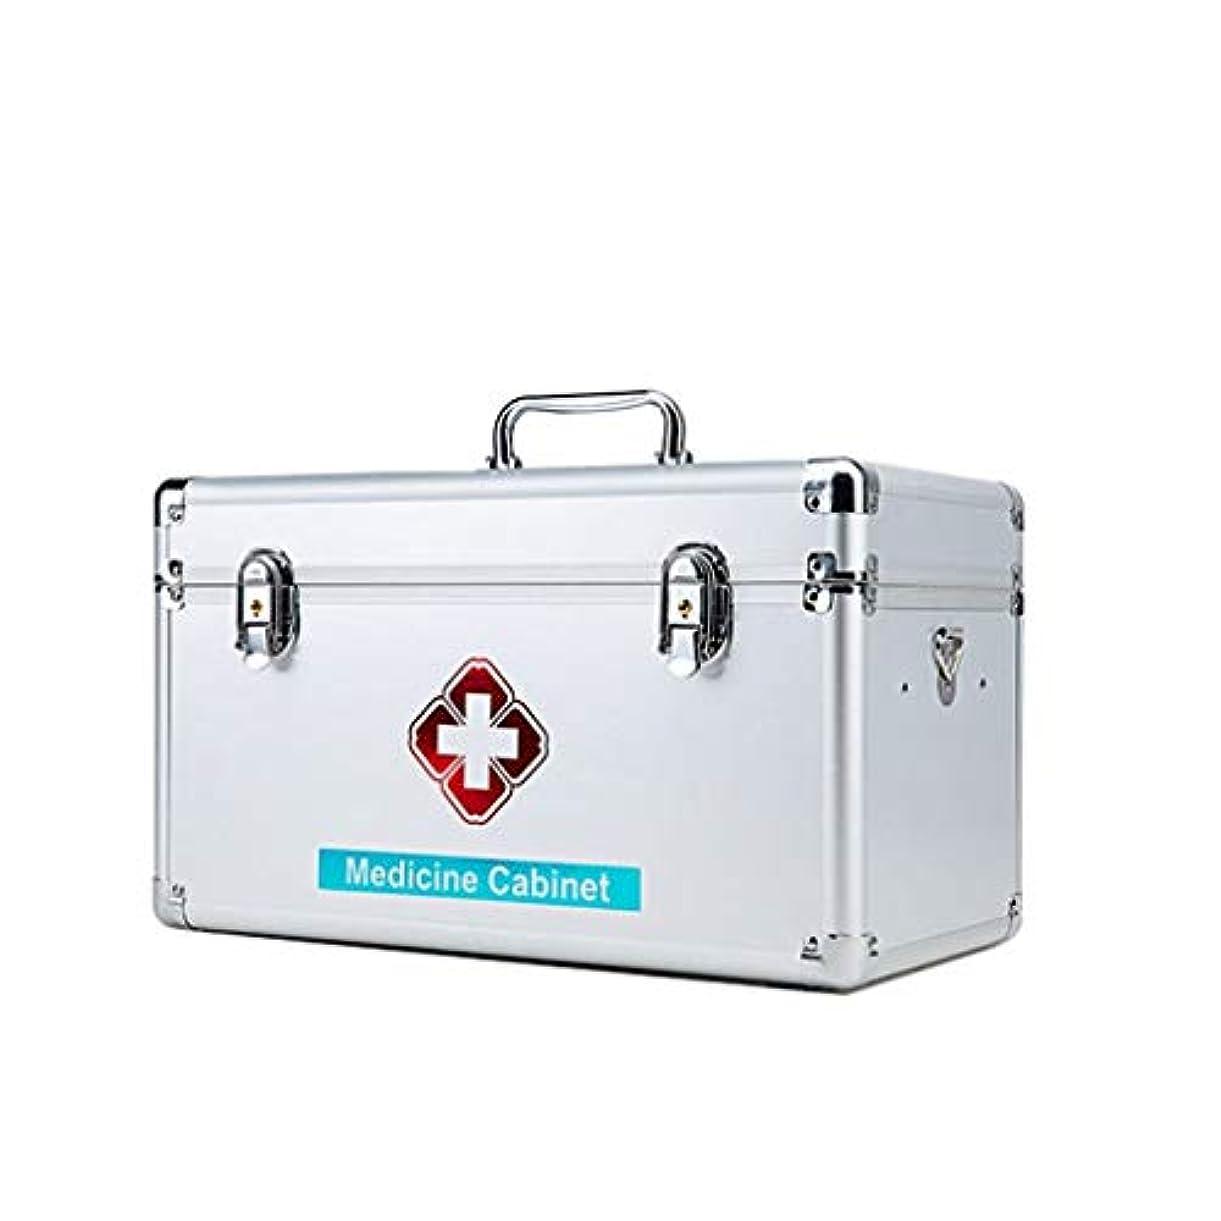 クックインゲンバルク家庭用、薬品戸棚、多層、大、ピンク、銀、応急処置キット医療診断ボックスポータブル HUXIUPING (Color : Silver, Size : 16 inches)